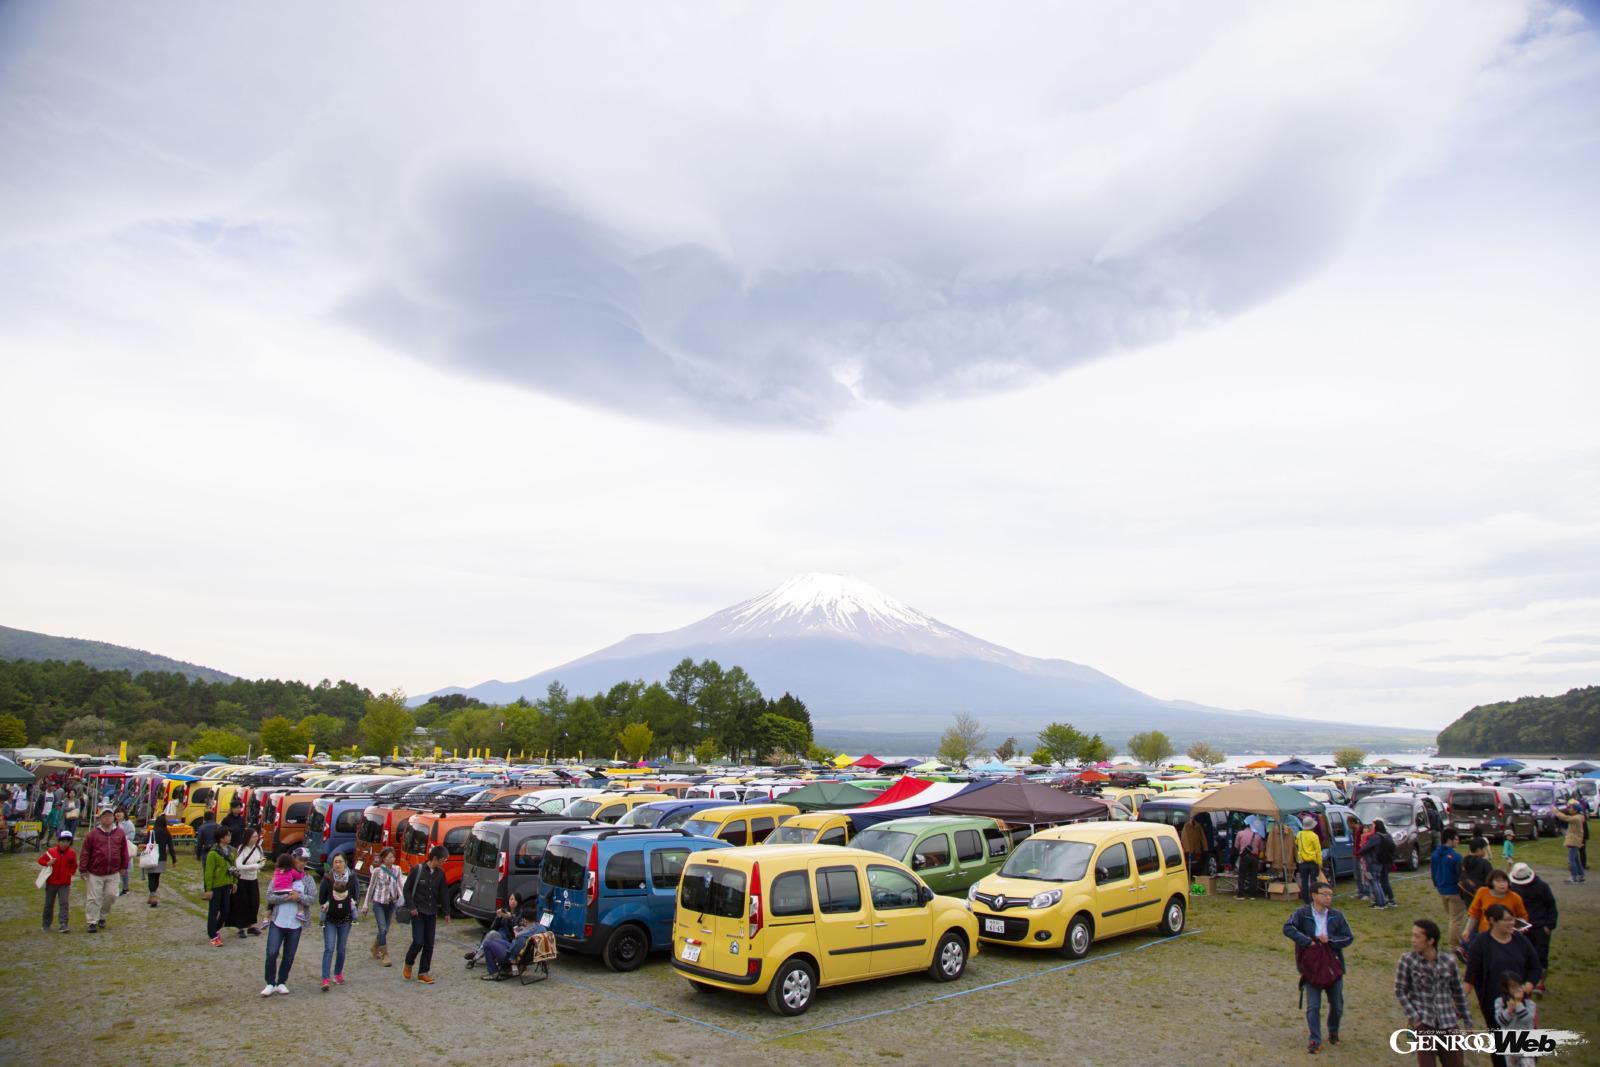 カングーファンの祭典、2021年「ルノー カングー ジャンボリー」は秋以降に延期